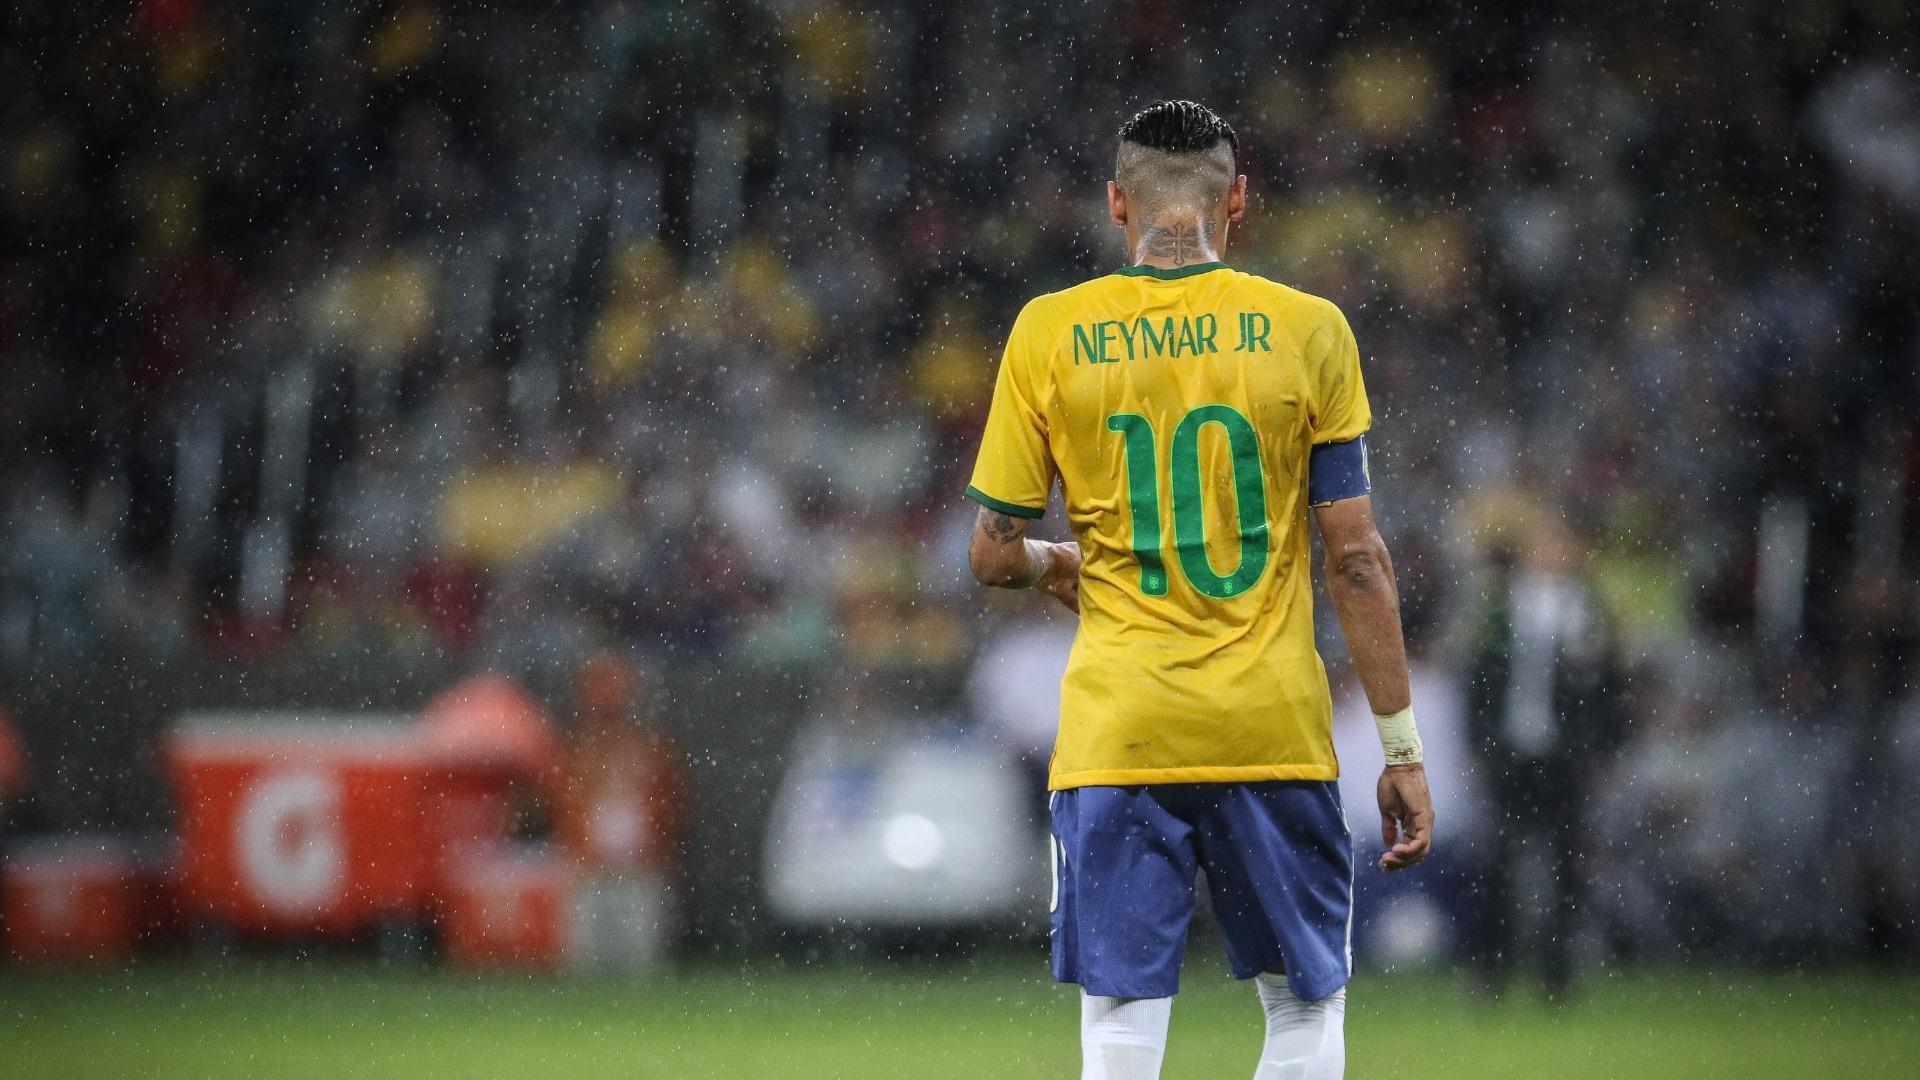 10.jun.2015 - Neymar é fotografado durante partida realizada no estádio Beira Rio, em Porto Alegre